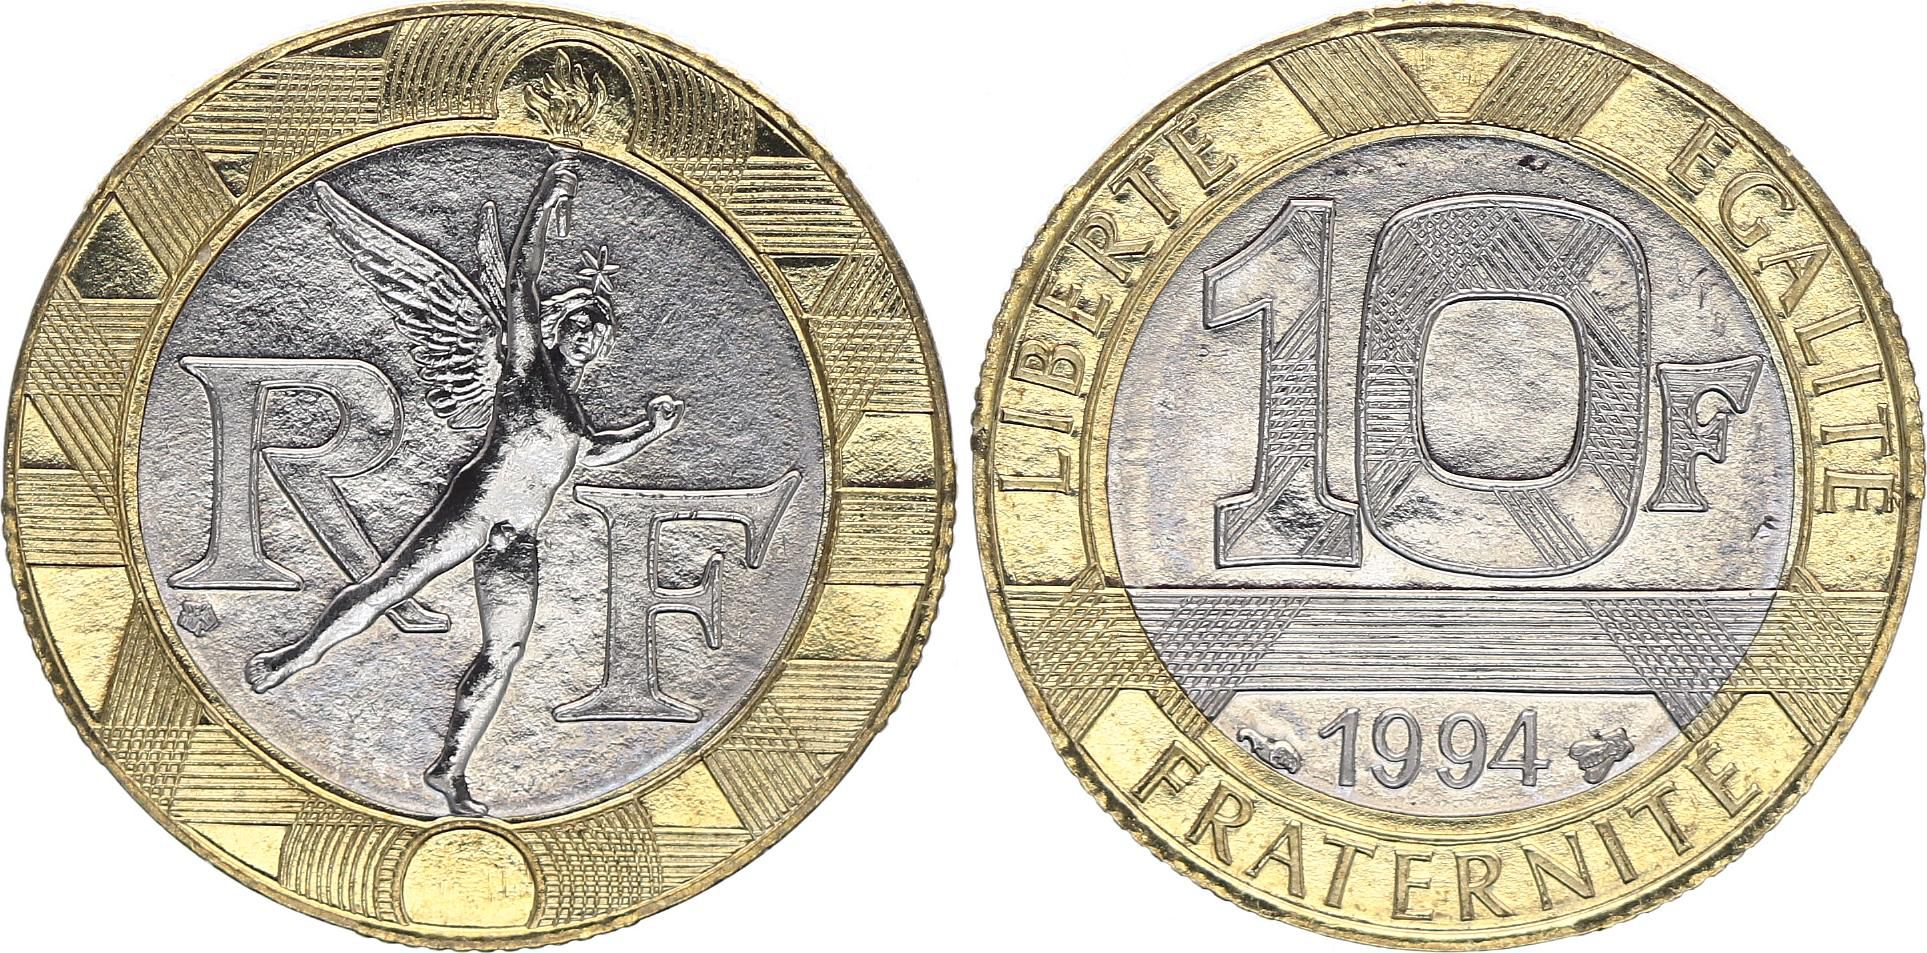 France 10 Francs Genius 1994 - bee UNC